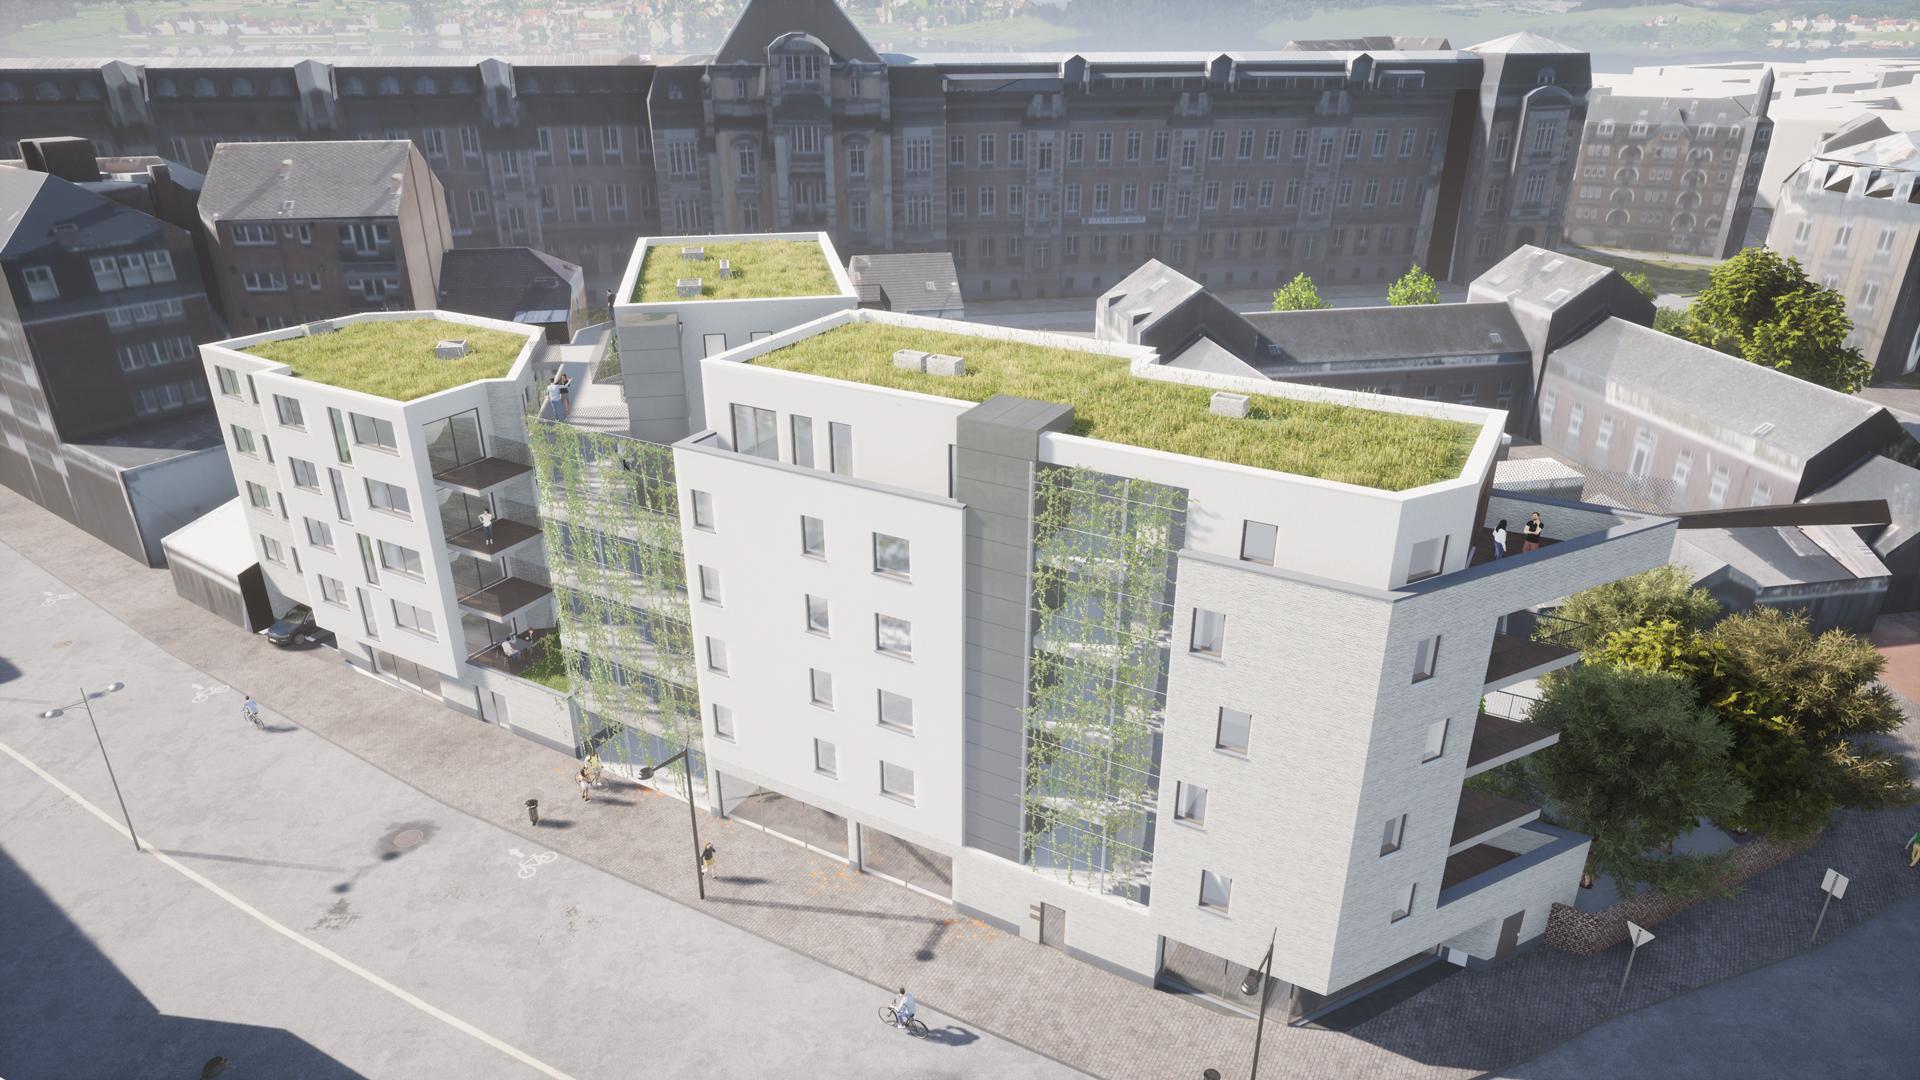 Immeuble à Namur - vu du haut